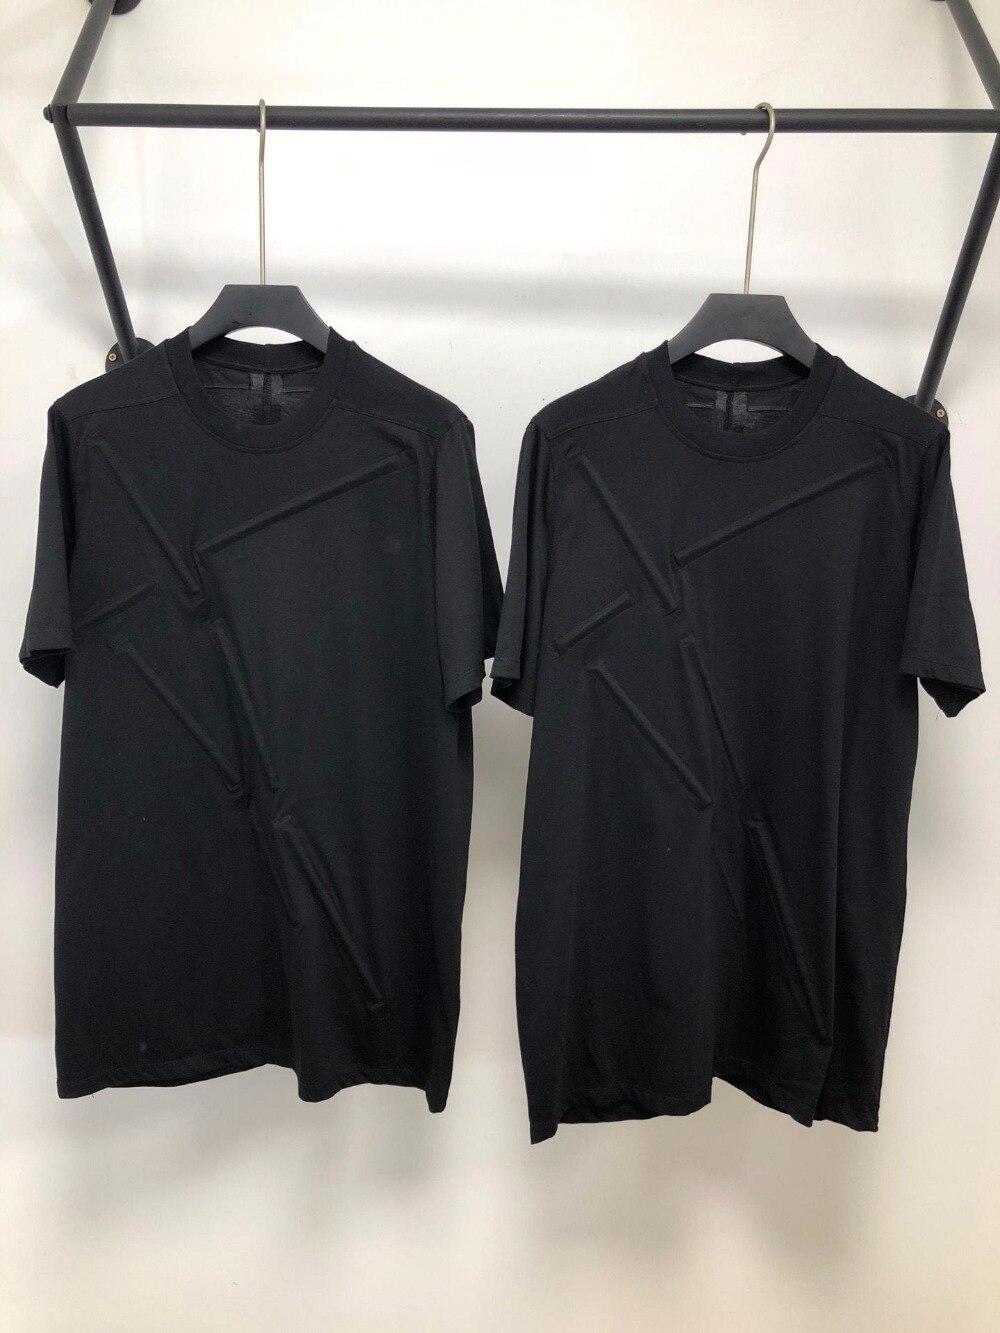 19ss Owen seak Mannen T shirt 100% Katoen Gothic Stijl Herenkleding Oversize Tops Tees Zomer Vrouwen Tees Black t shirt-in T-shirts van Mannenkleding op  Groep 1